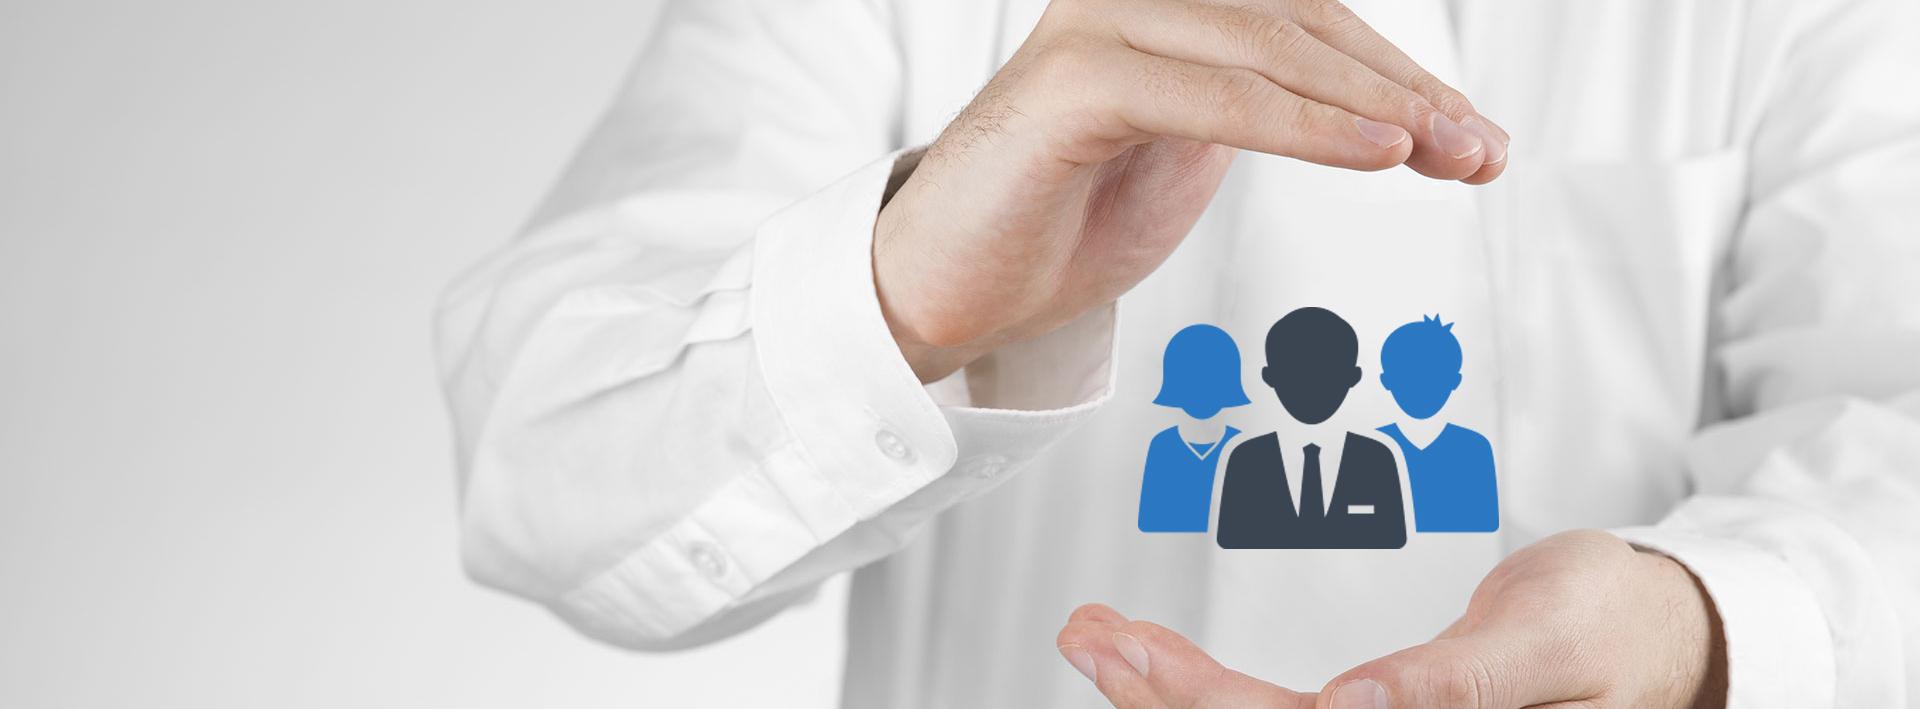 Картинки на тему страховой агент